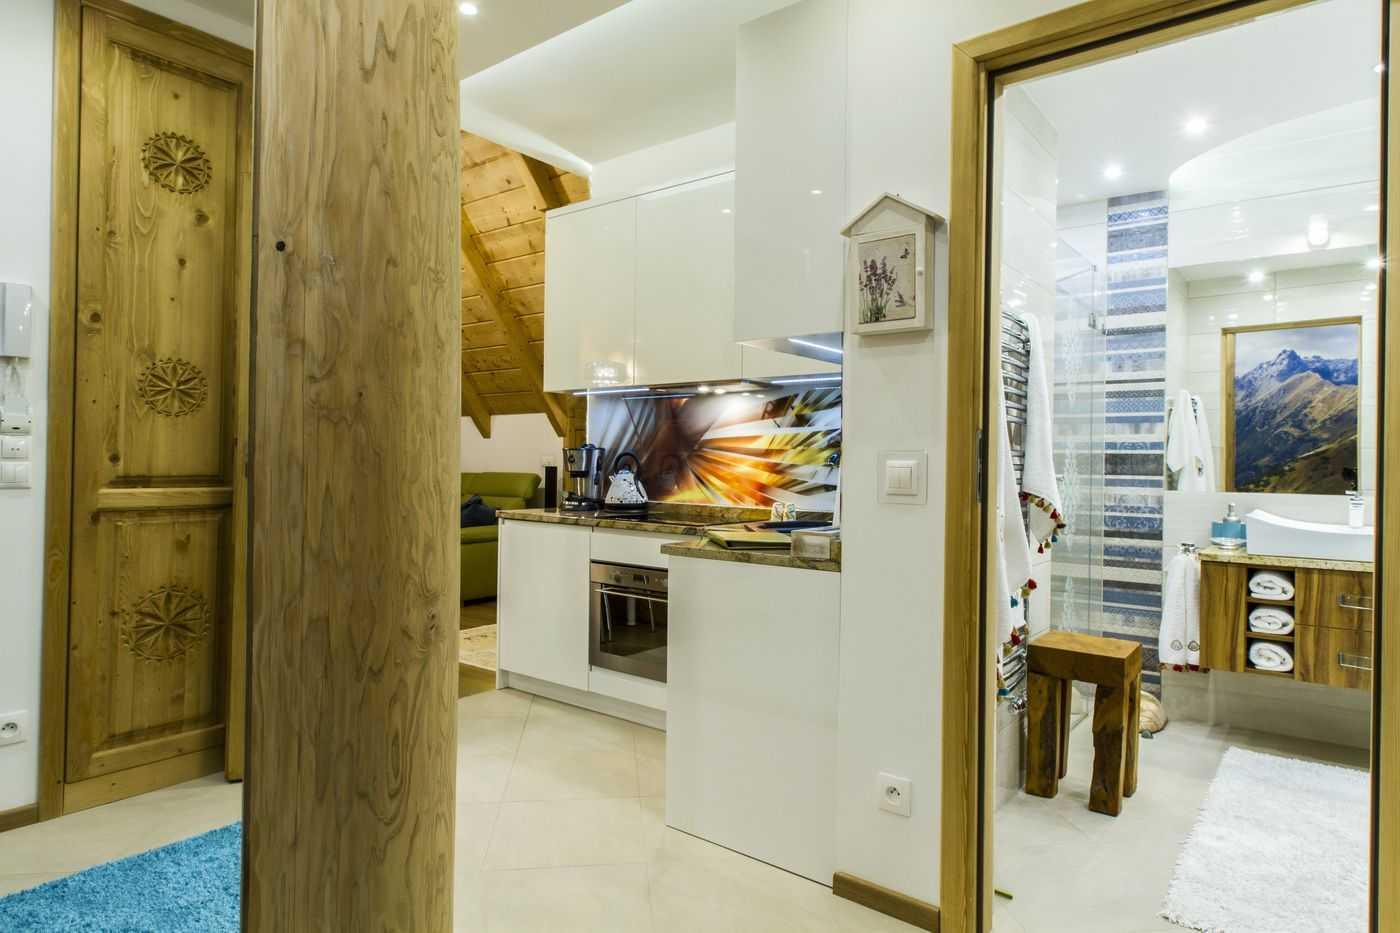 Kompleks apartamentów, które wyróżnia wyjątkowo udane połączenie tradycyjnego zakopiańskiego stylu z nowoczesnym designem.